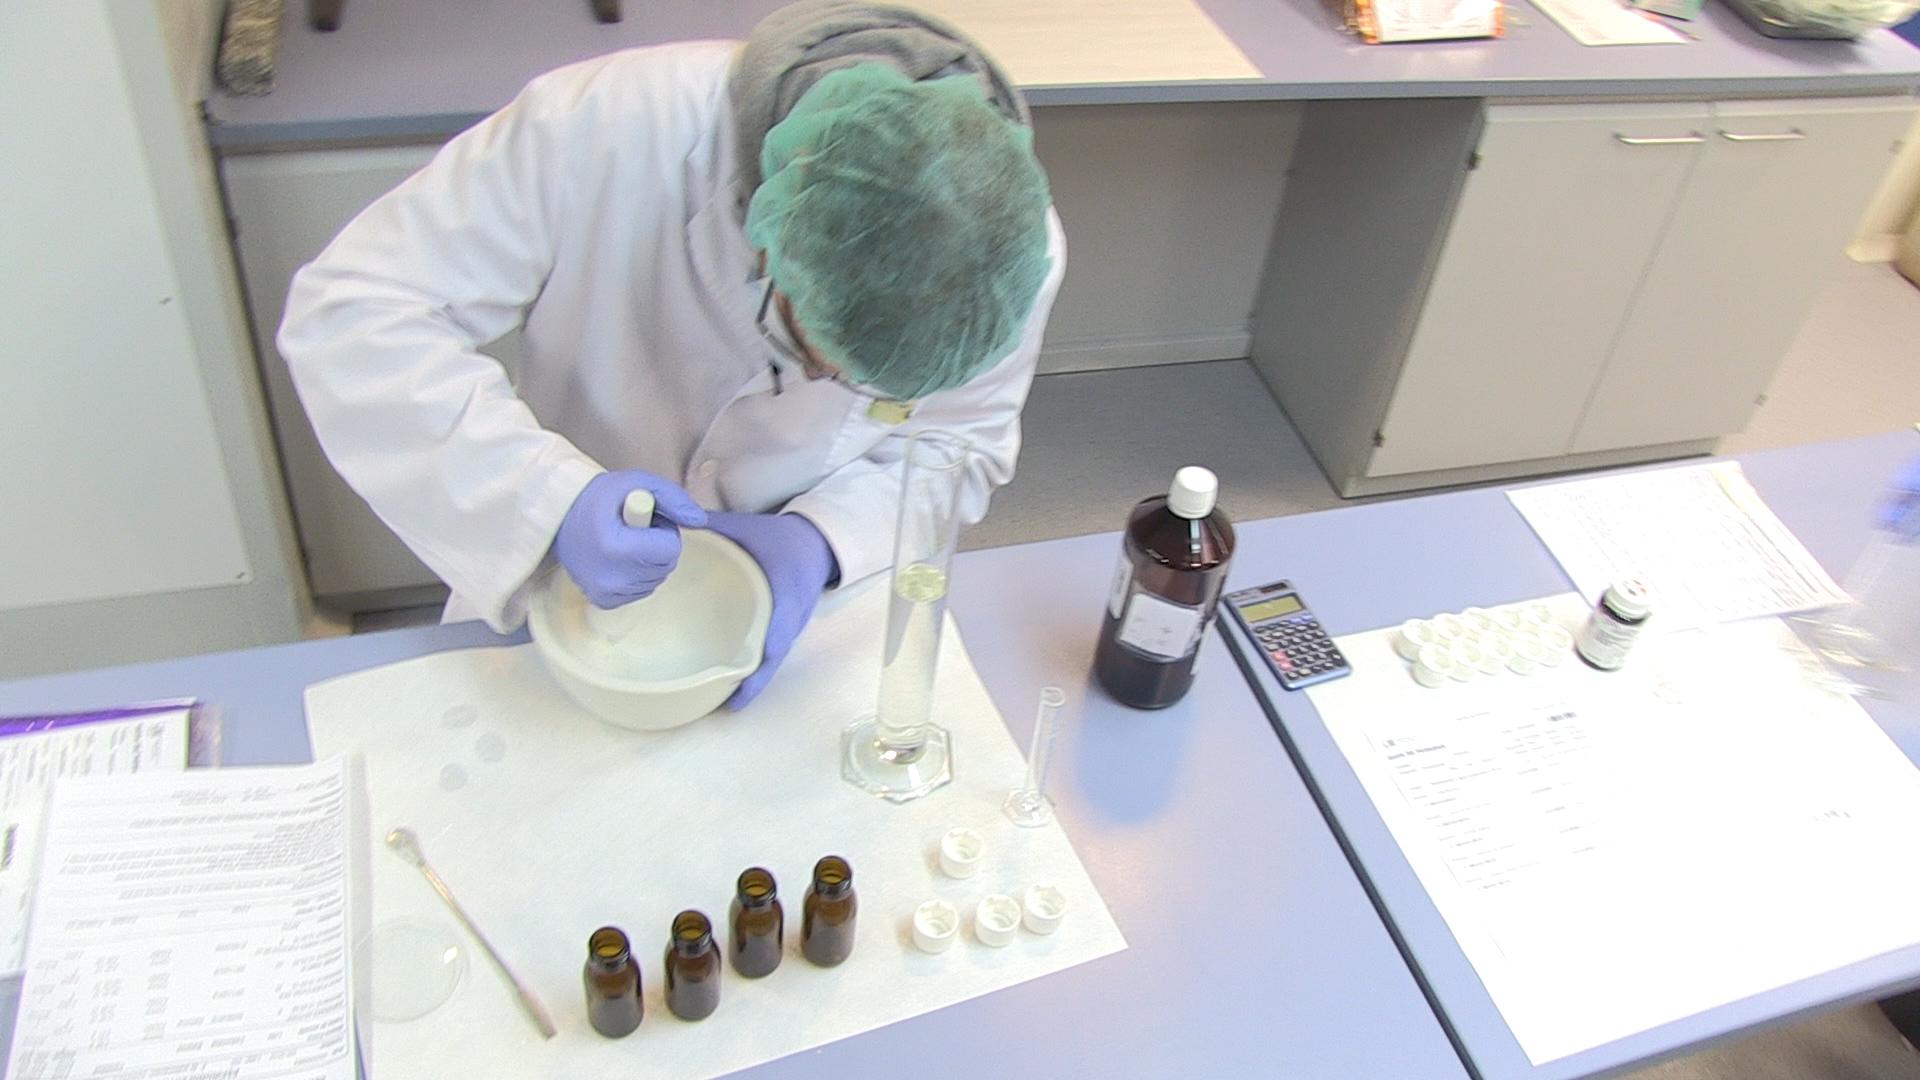 Los tratamientos contra el cáncer representan en torno al 10% de gasto farmacéutico en España